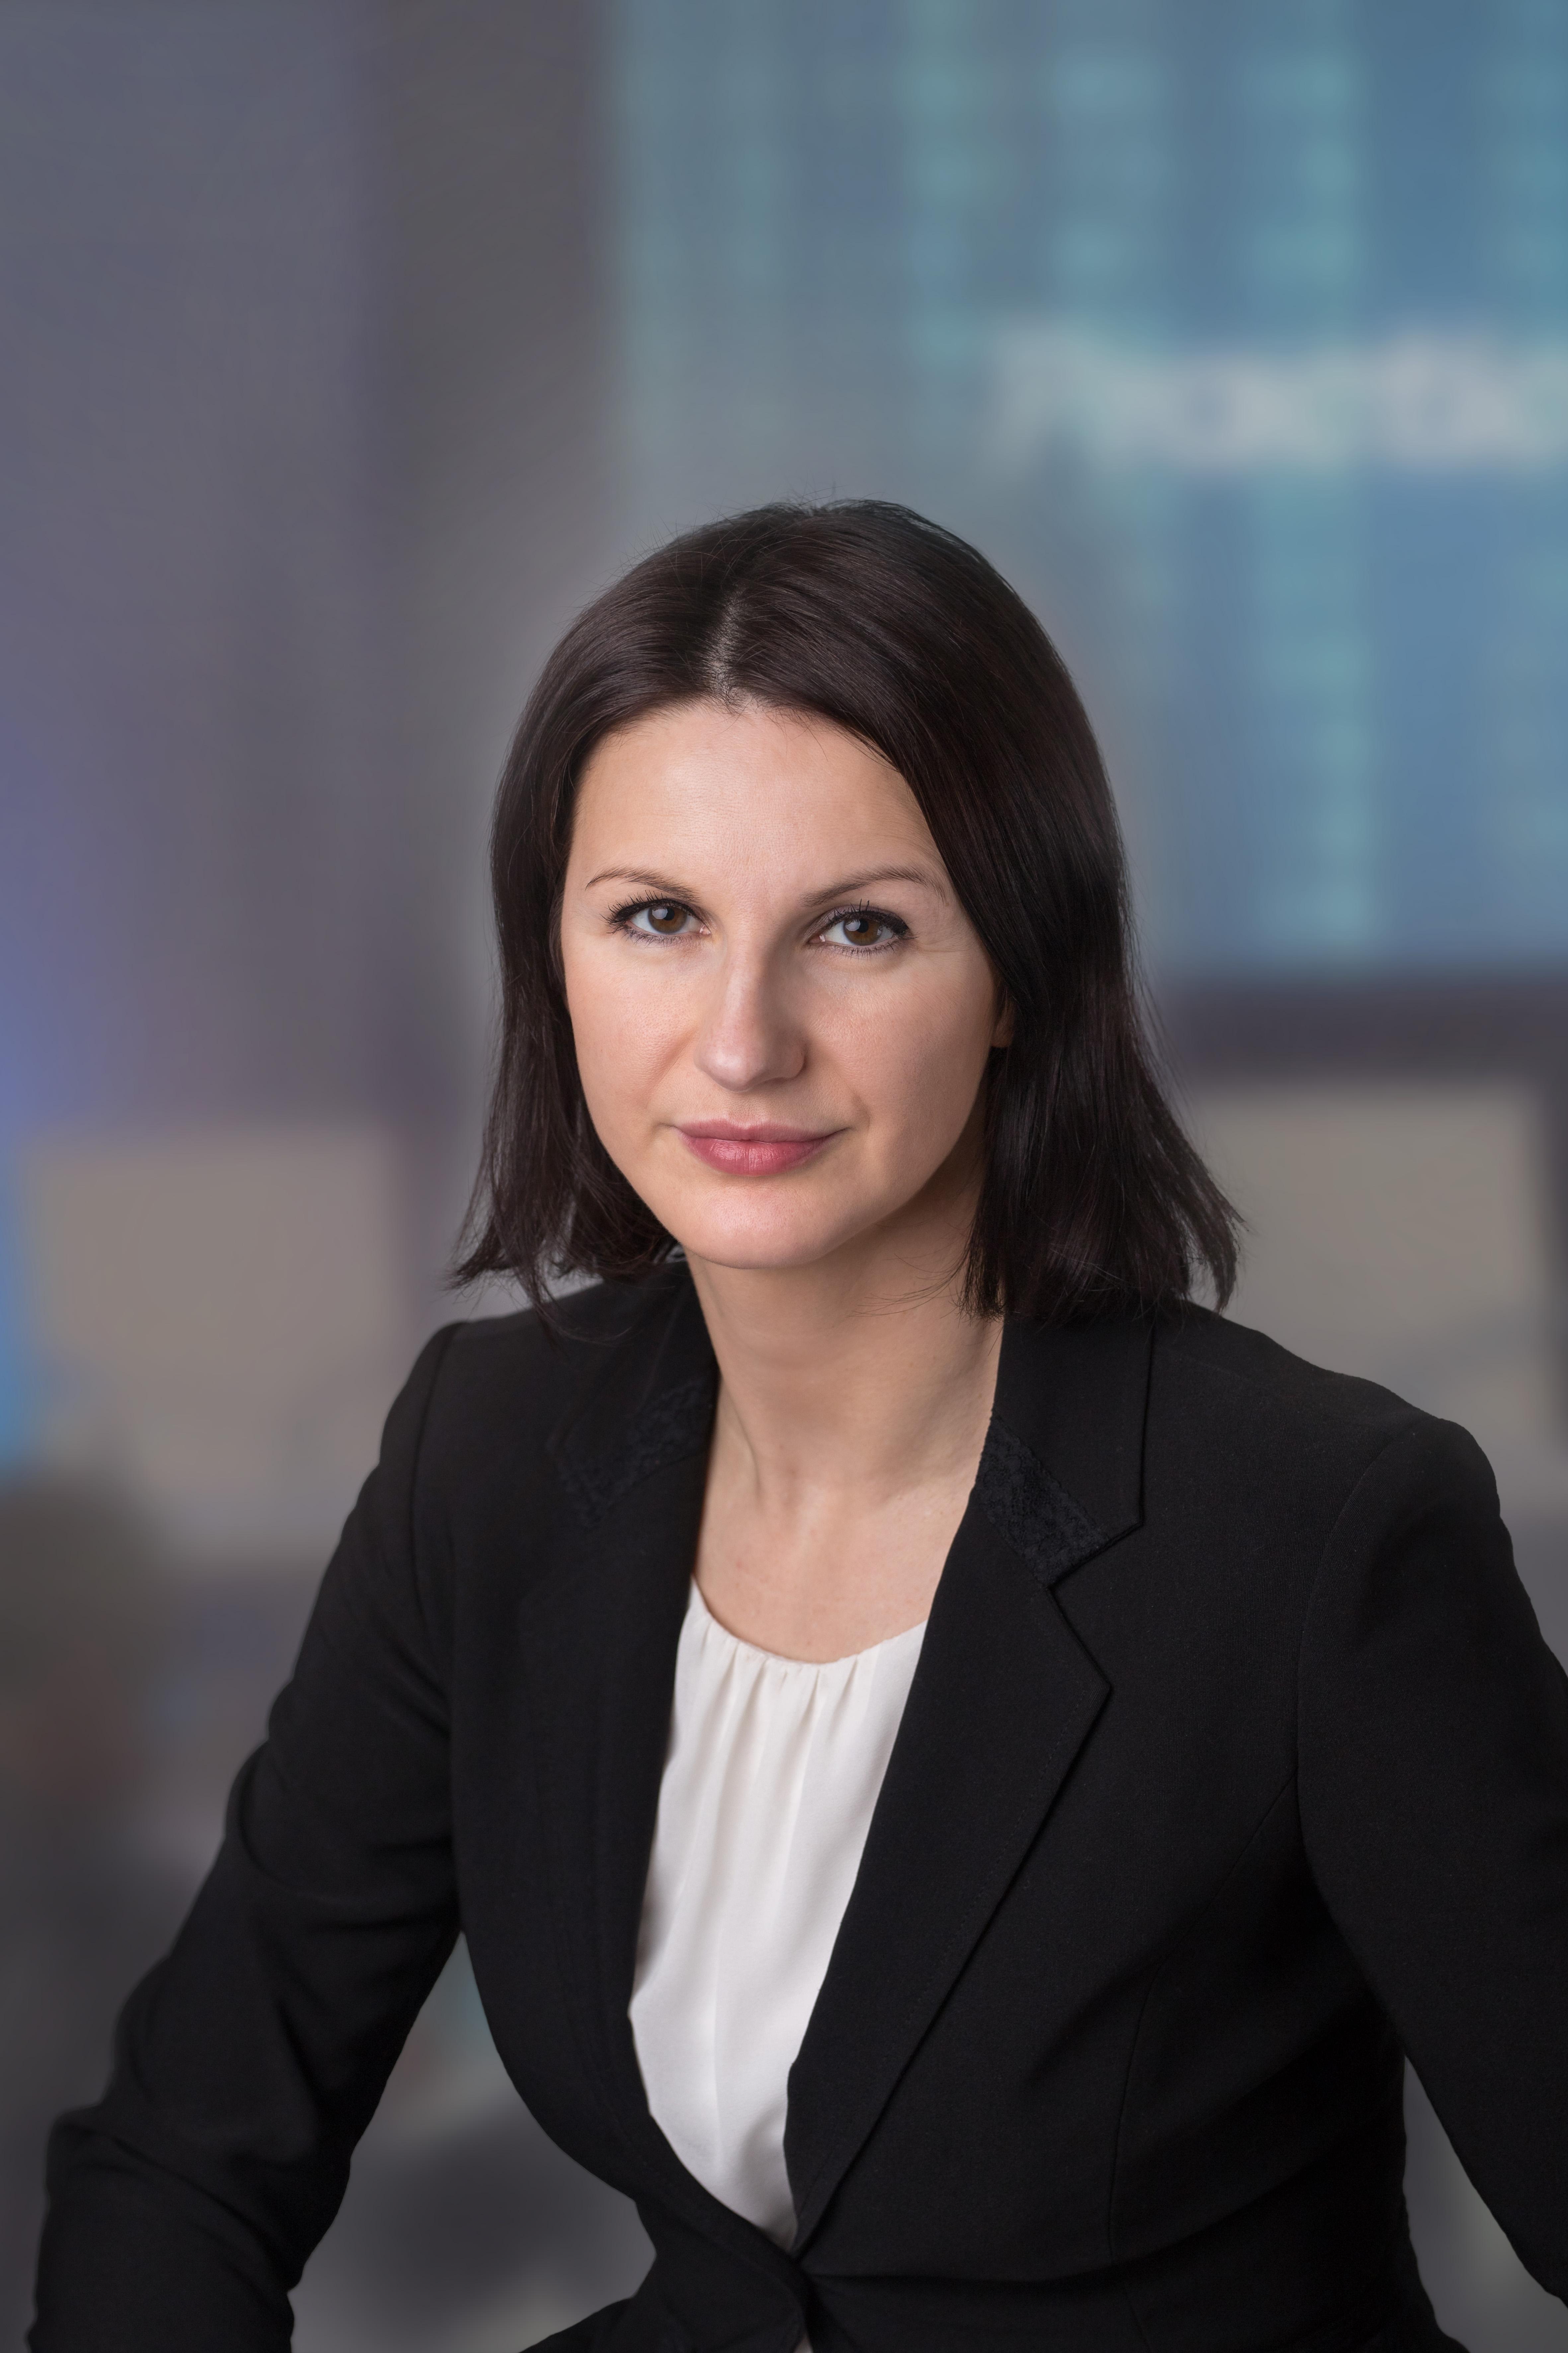 Katarzyna Pac-Malesa